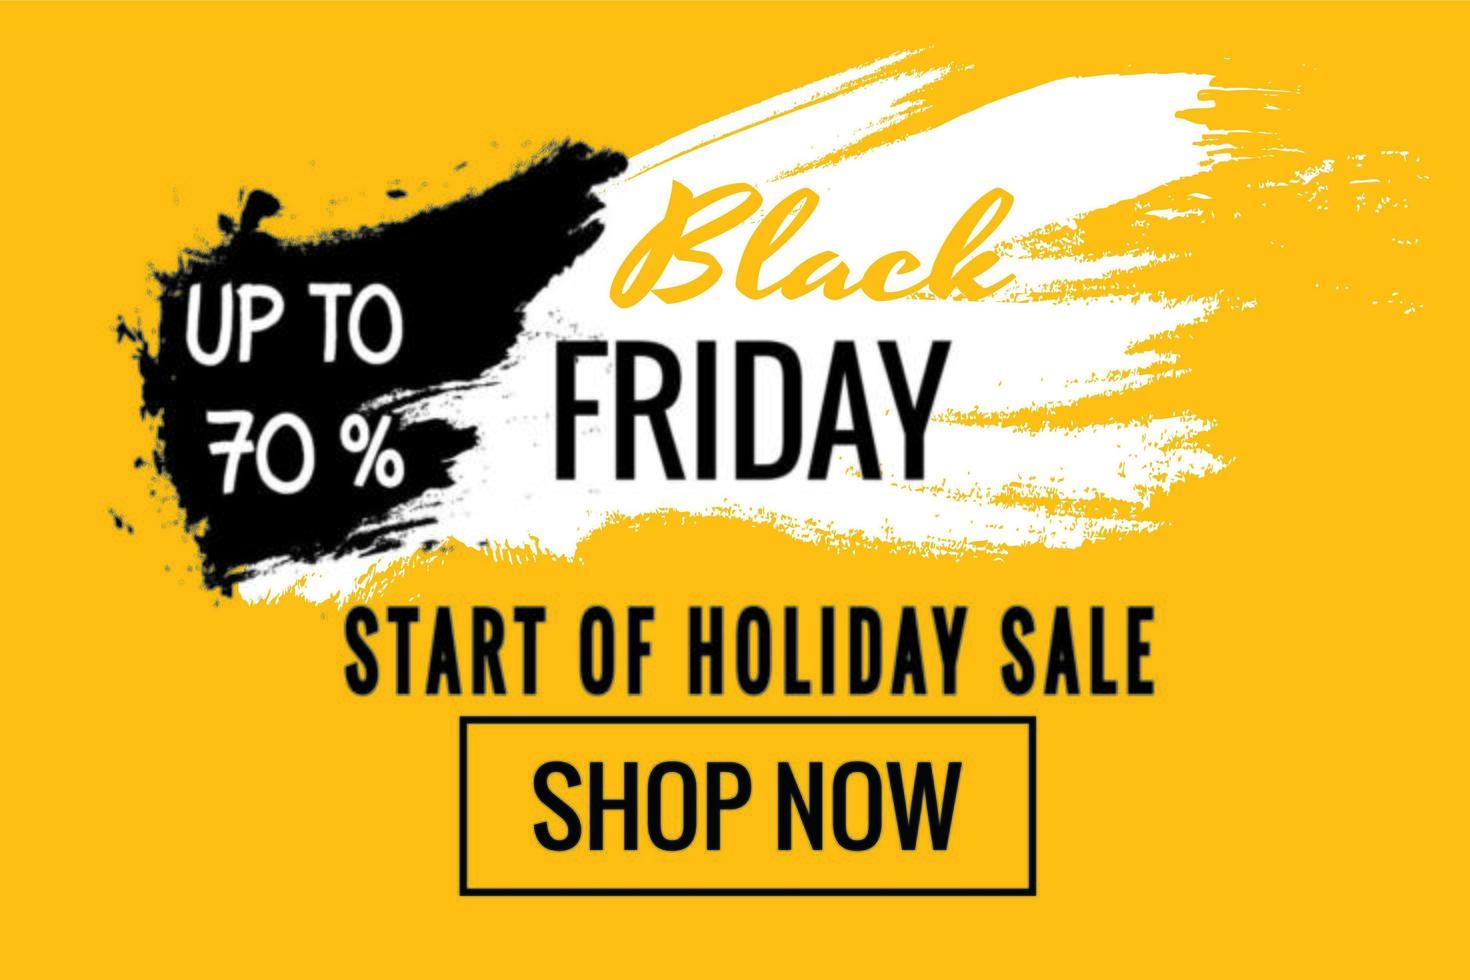 schwarzer Freitag gelbes Feiertagsverkaufsplakat vektor